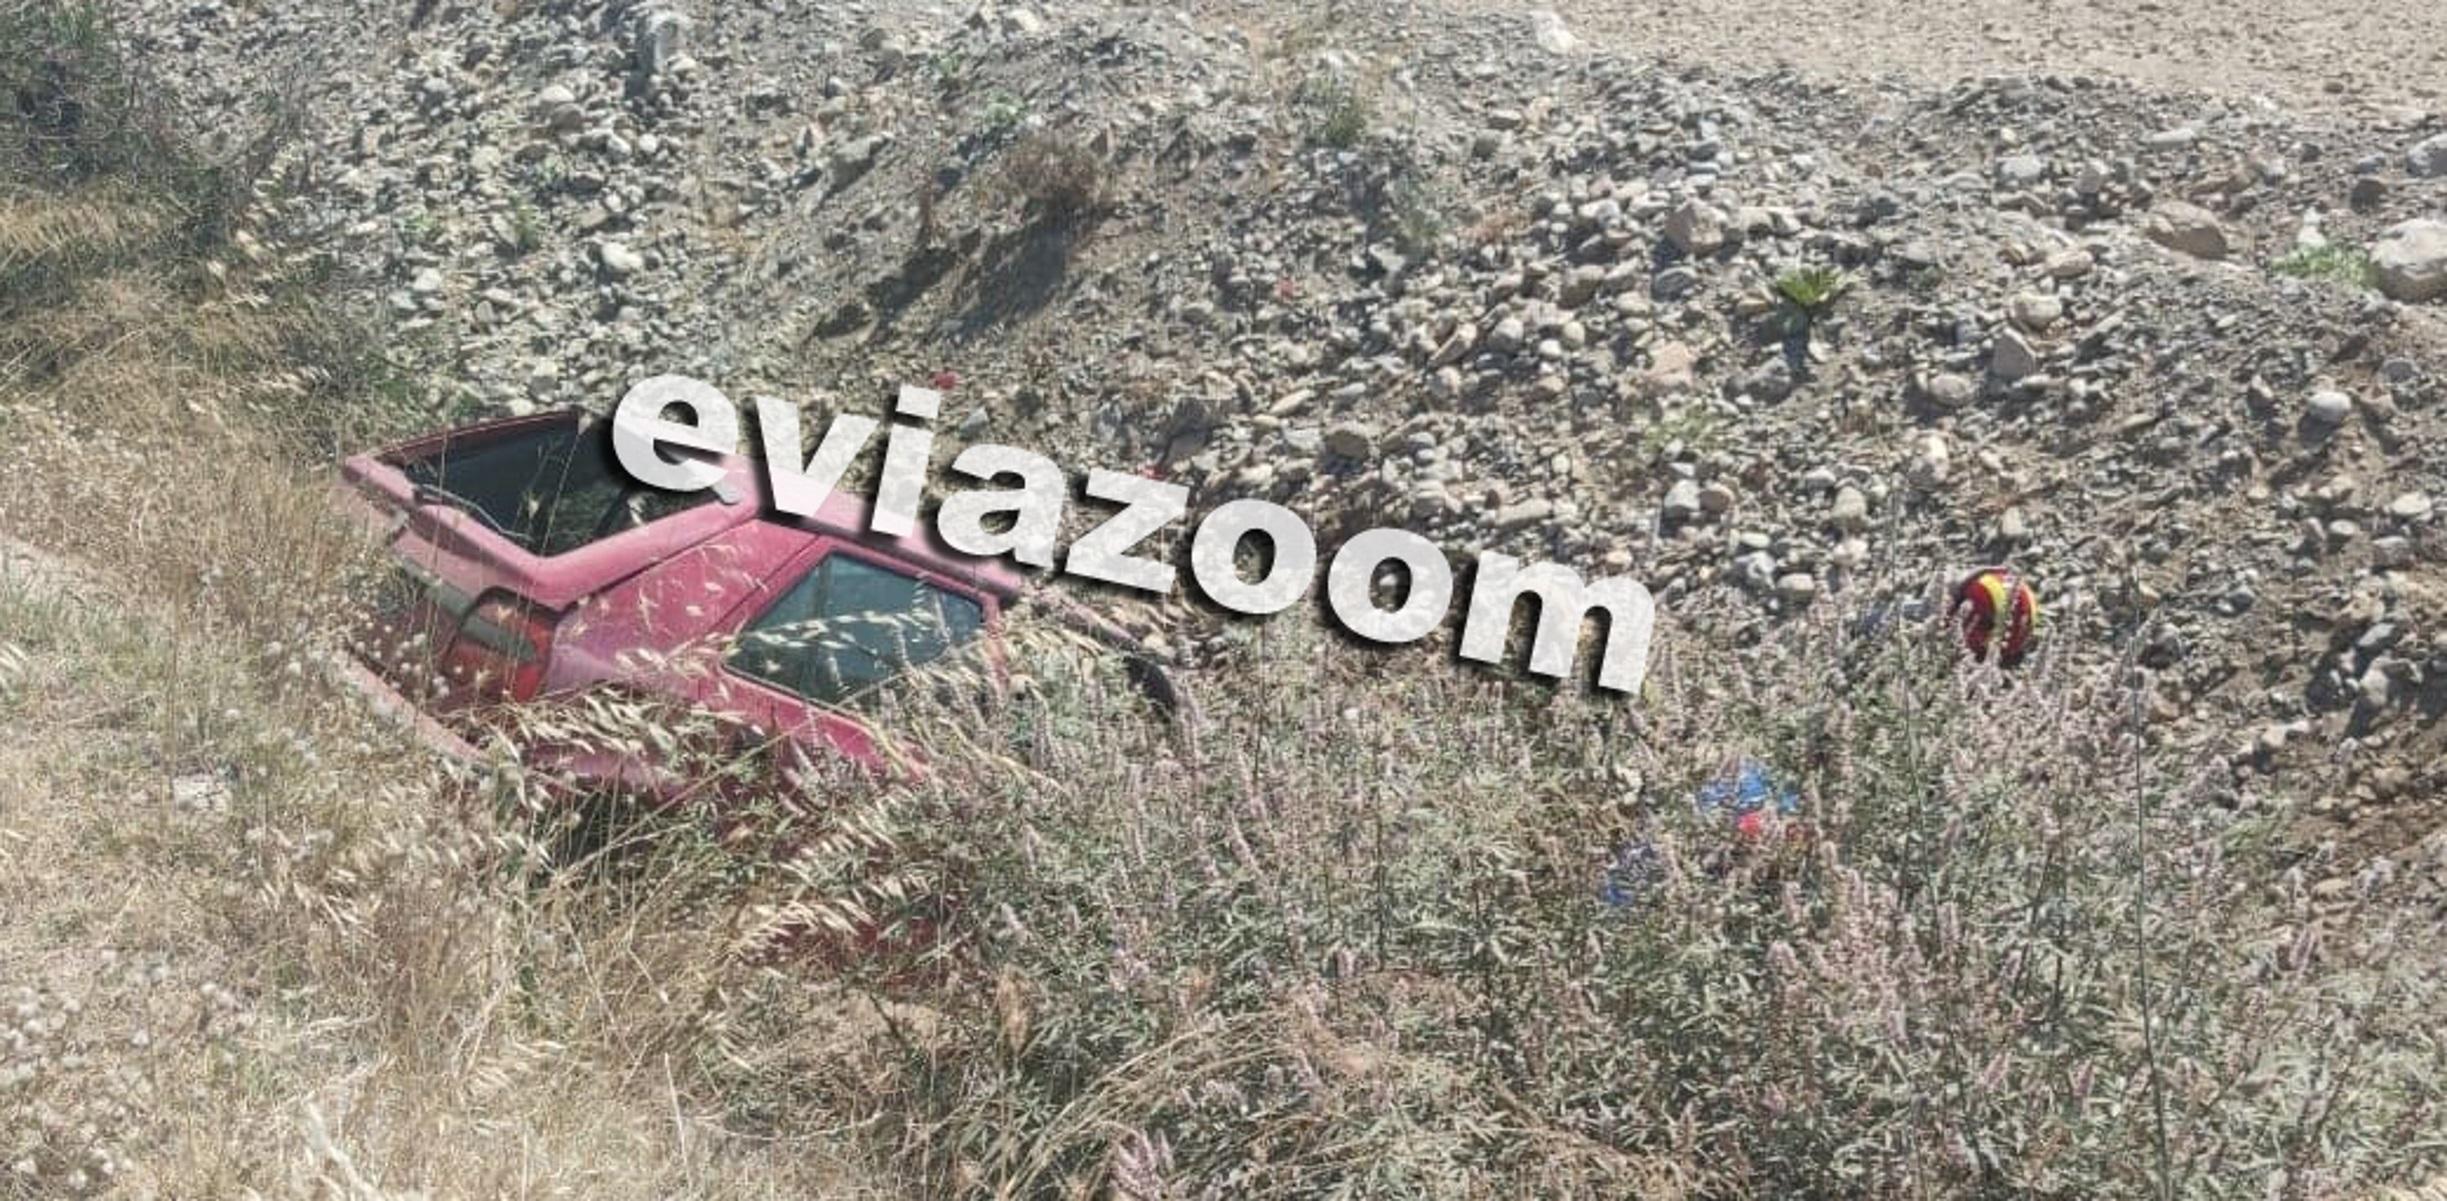 Χαλκίδα: 60χρονη έπεσε με αυτοκίνητο σε ξεροπόταμο – Η παραλίγο μοιραία στραβοτιμονιά